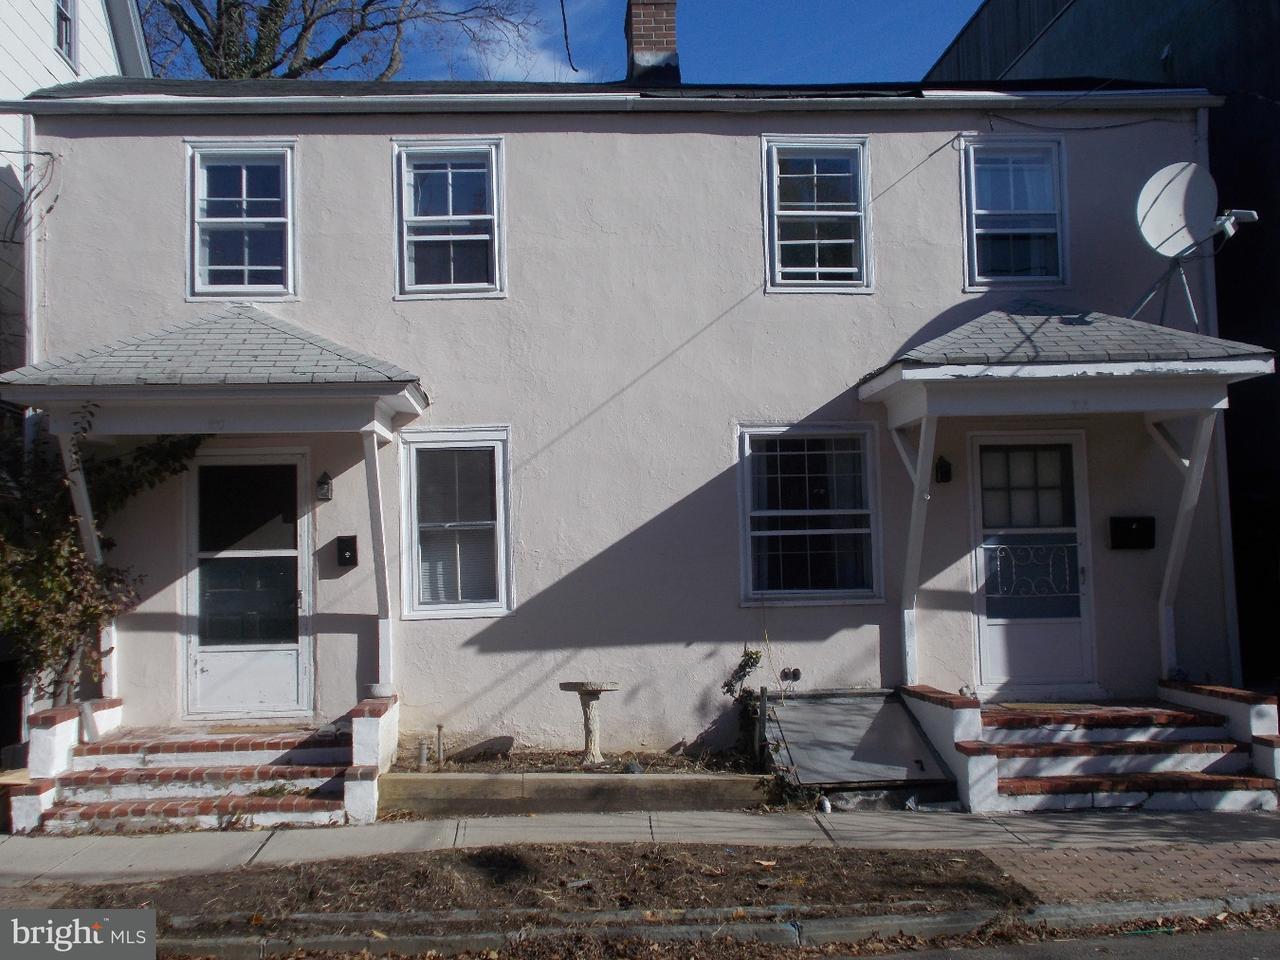 Casa unifamiliar adosada (Townhouse) por un Venta en 20-22 CHARLTON Street Princeton, Nueva Jersey 08540 Estados UnidosEn/Alrededor: Princeton